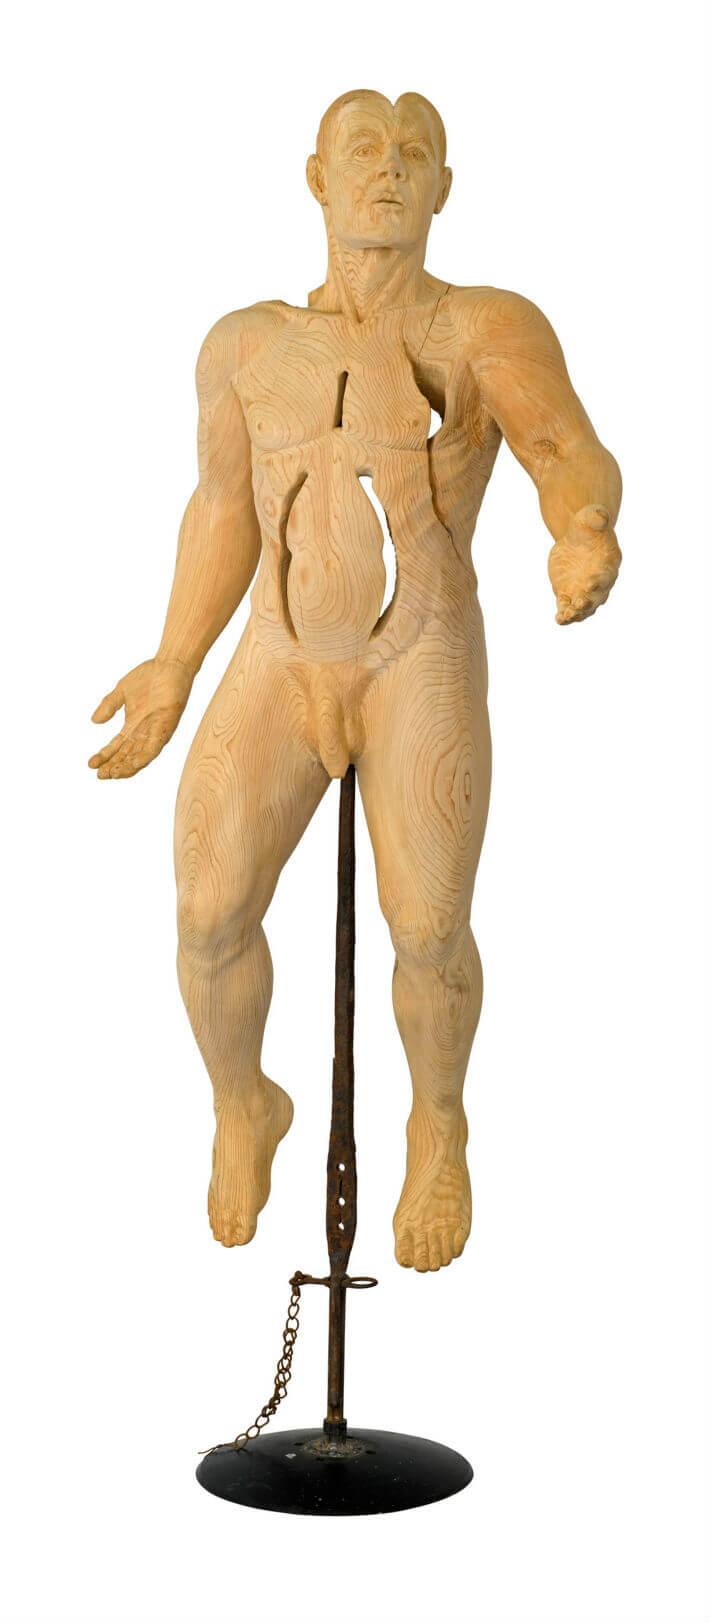 PDM 2012 - sculpture -  Homme inachevé - Jean-Charles FERRAND